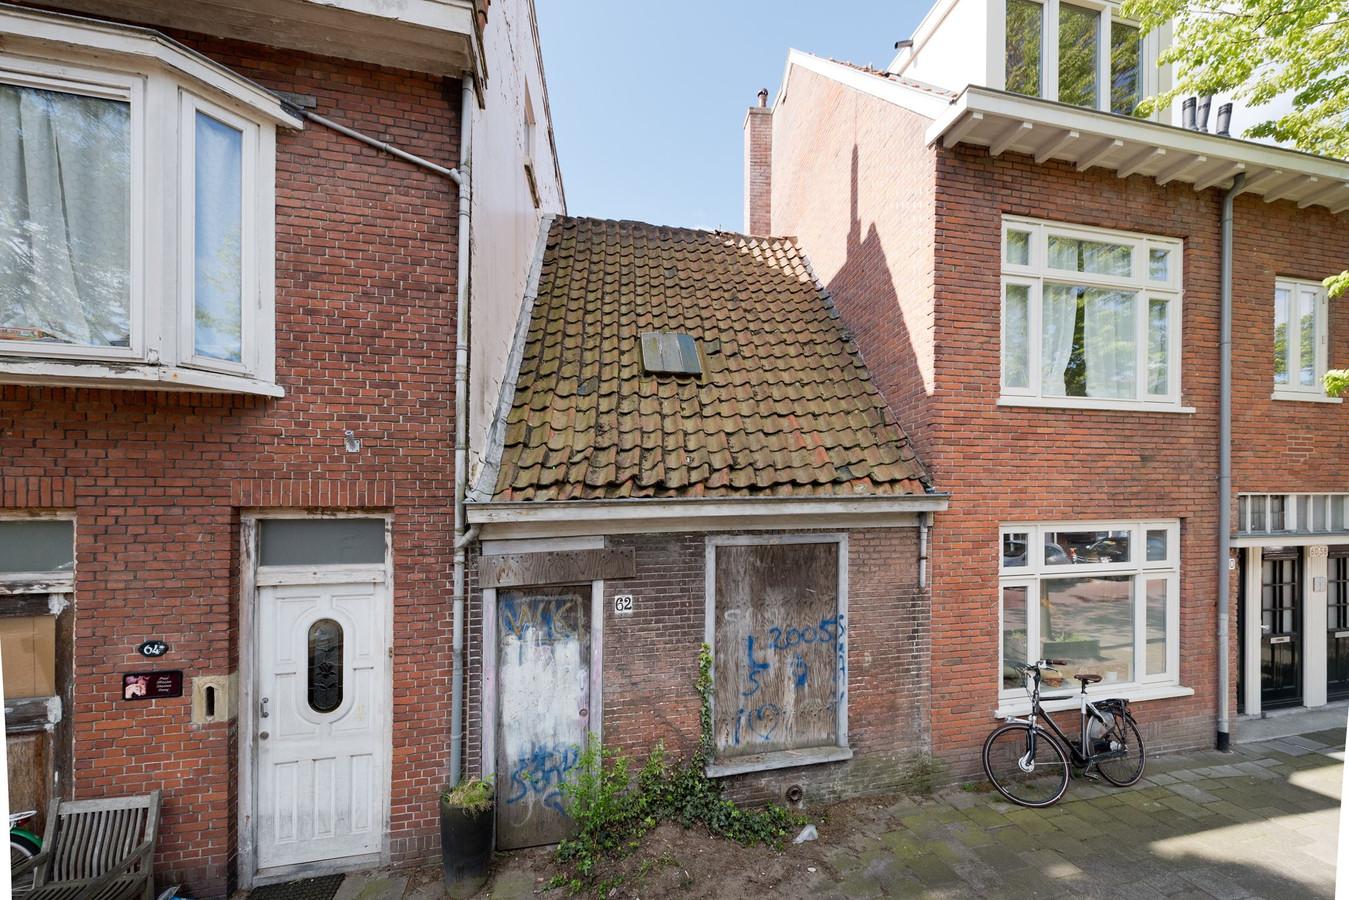 De buren zullen wel blij zijn dat dit huis een renovatie ondergaat, of zelfs opnieuw wordt gebouwd.